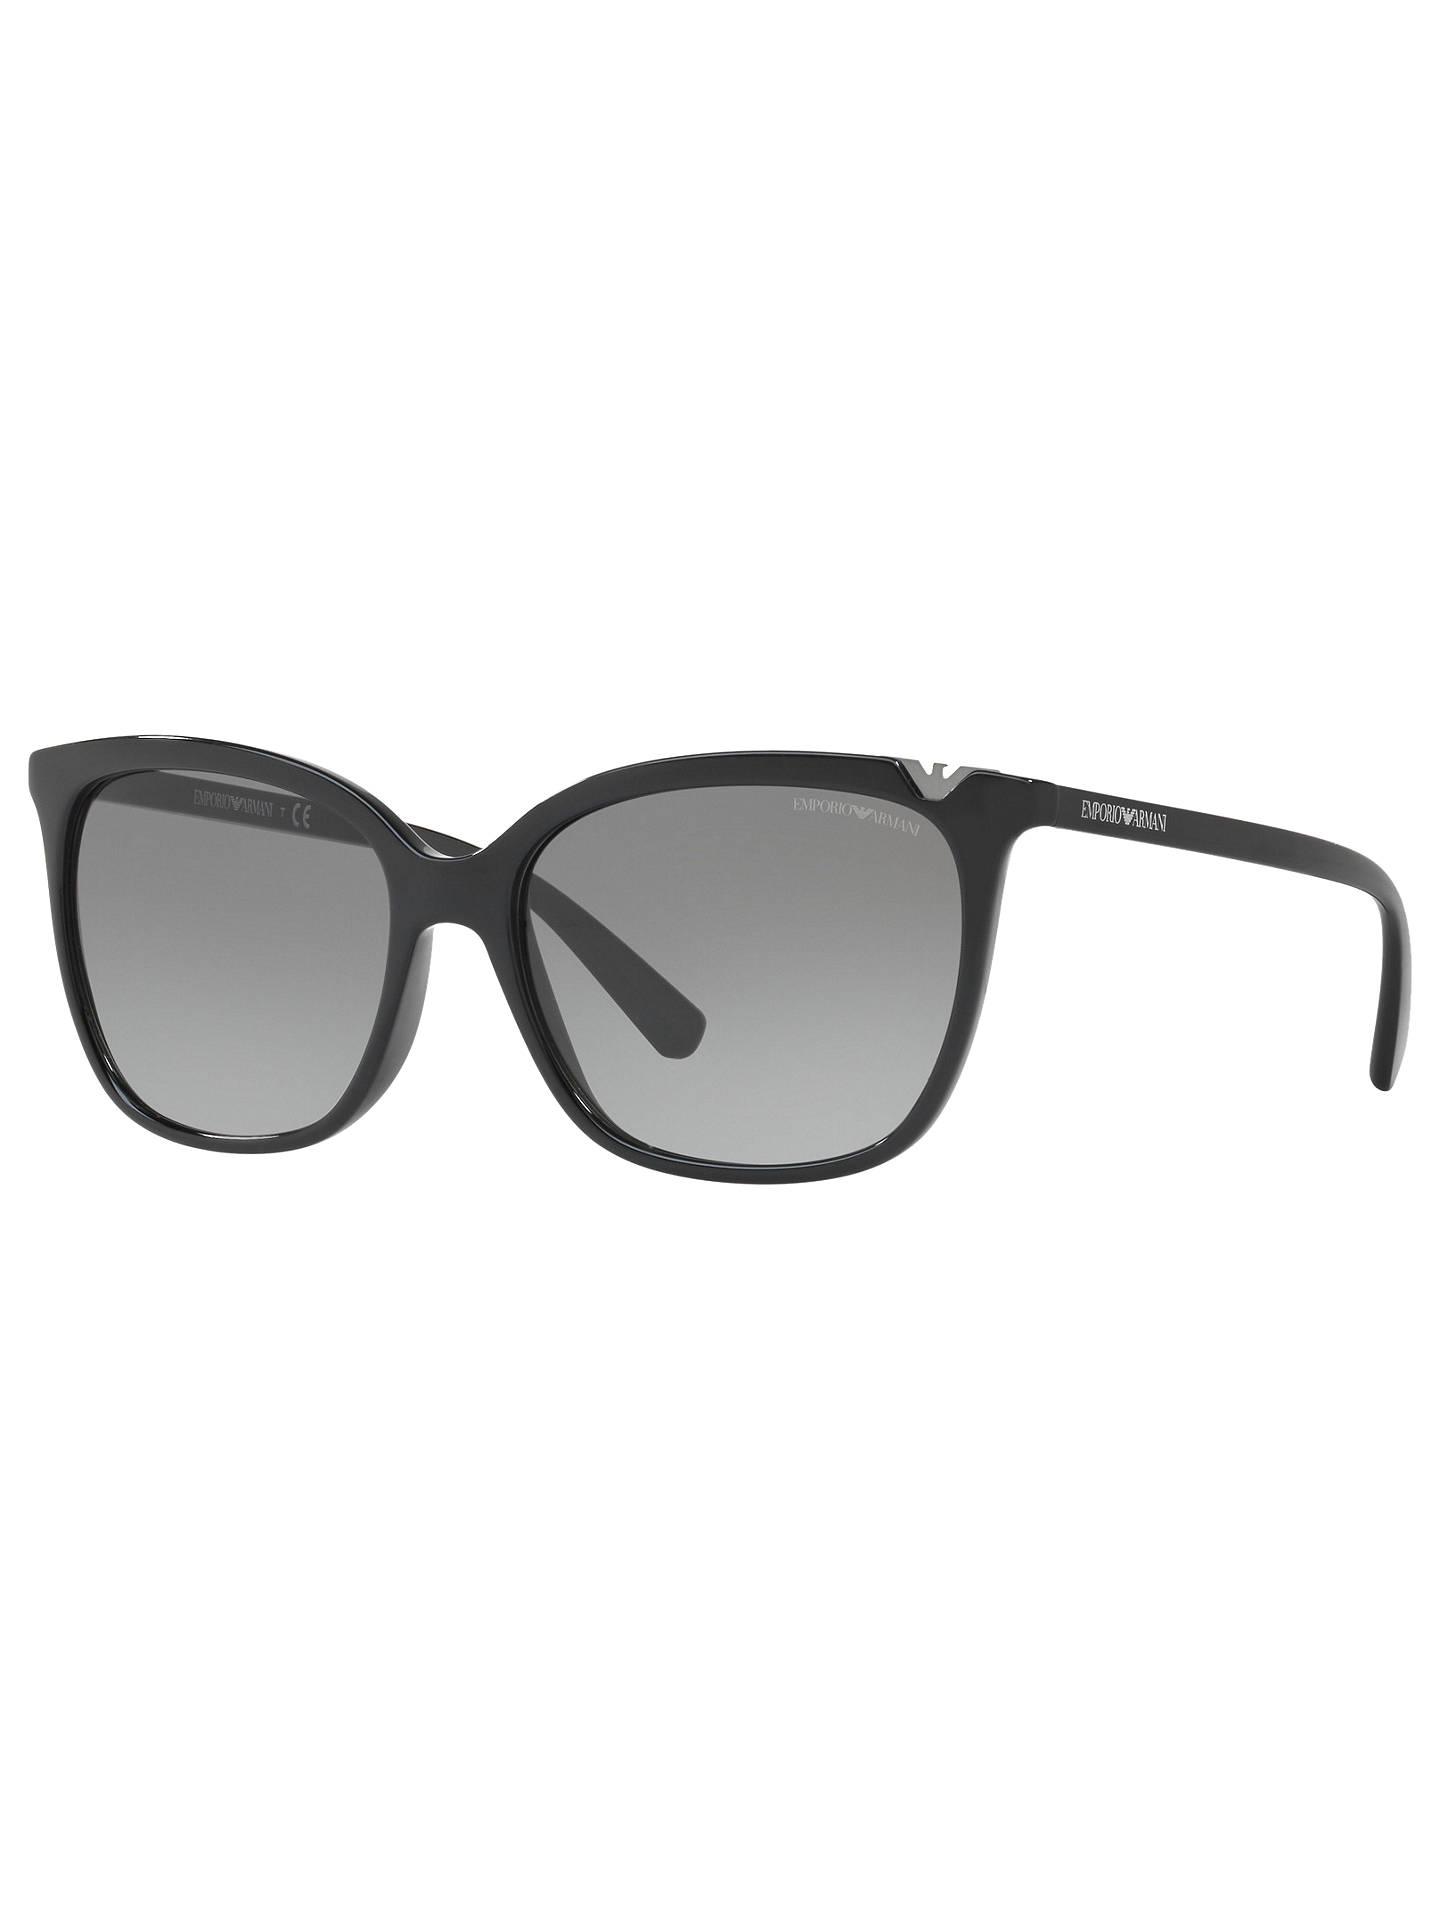 925b67bbcc2 BuyEmporio Armani EA4094 Square Sunglasses